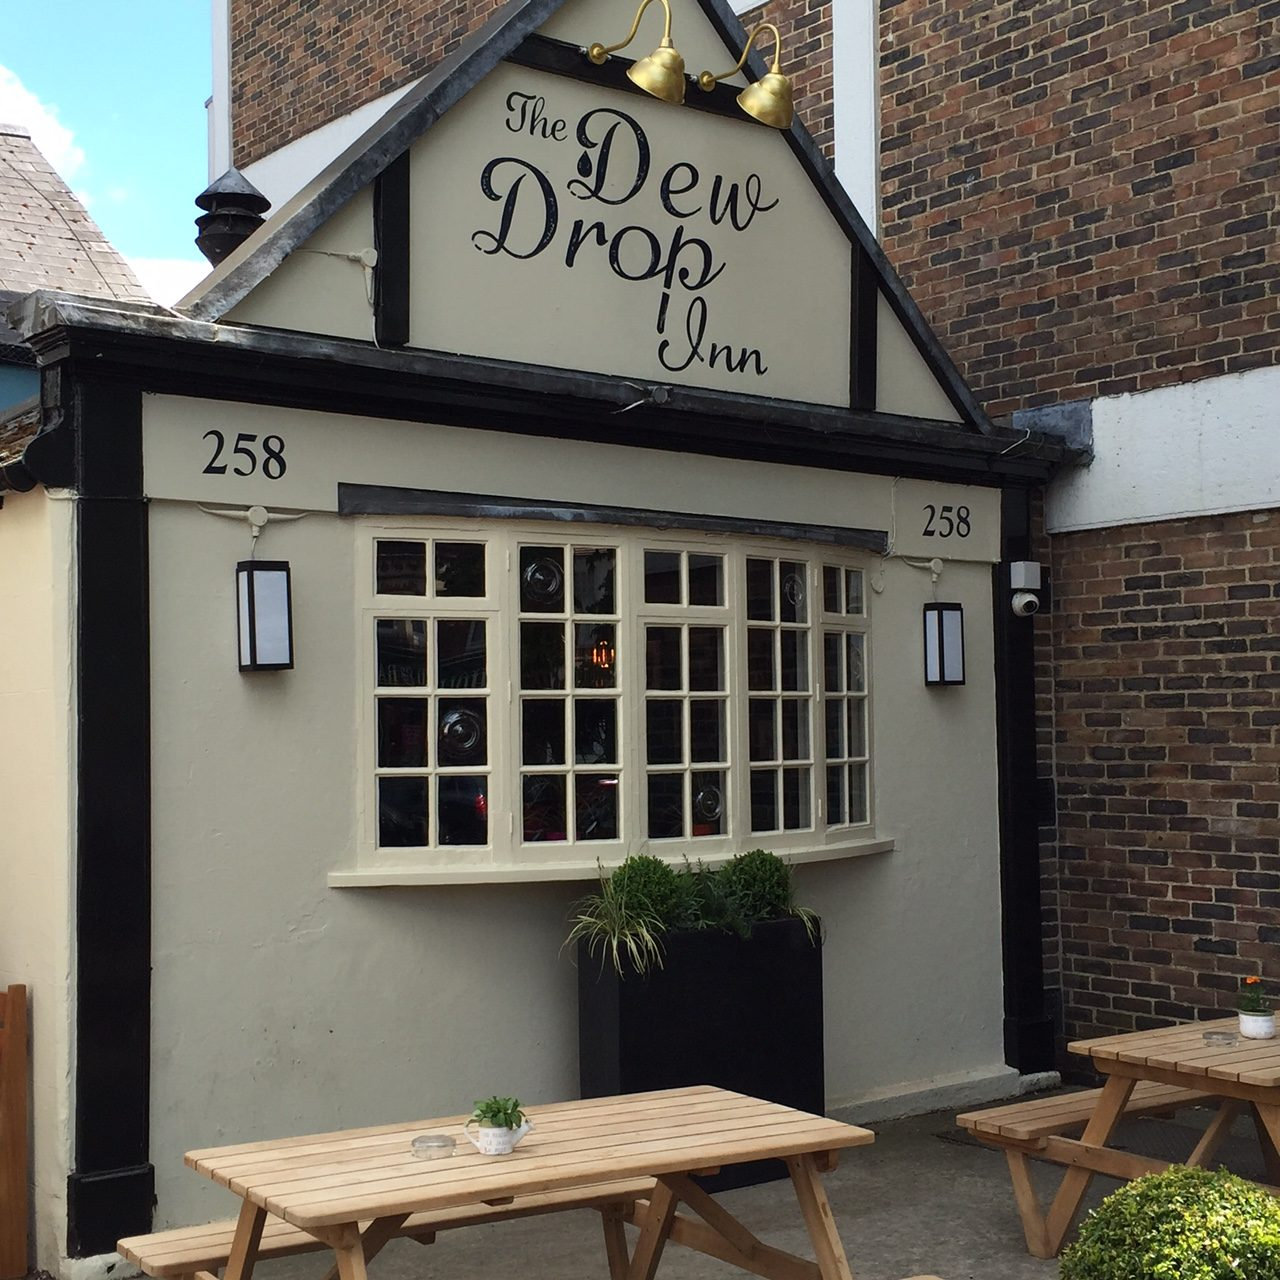 Dew Drop Inn Oxford